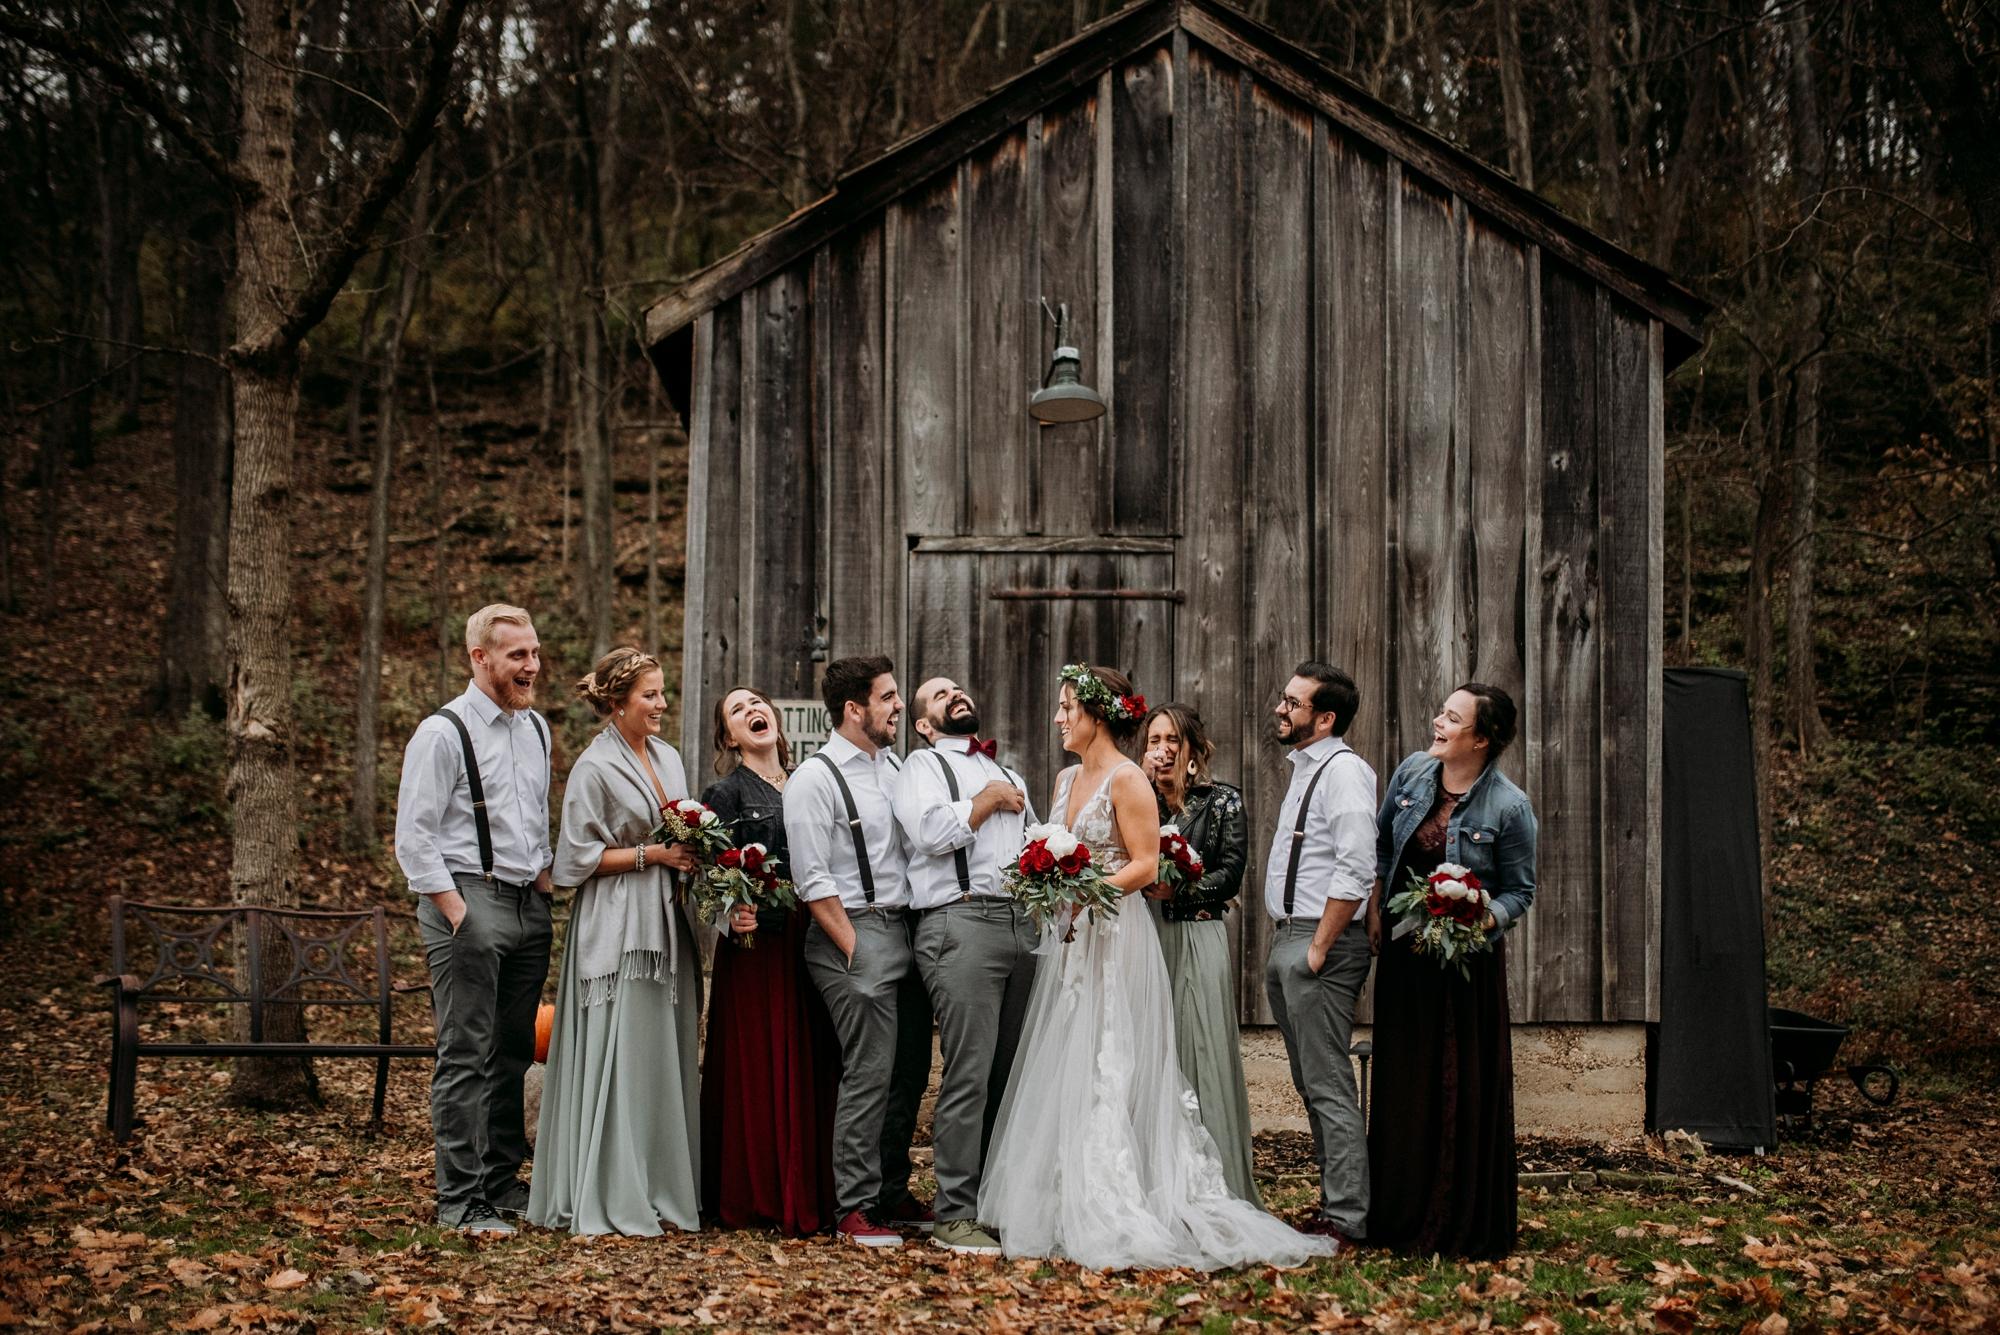 ethical-destination-wedding-stlouis_0029.jpg